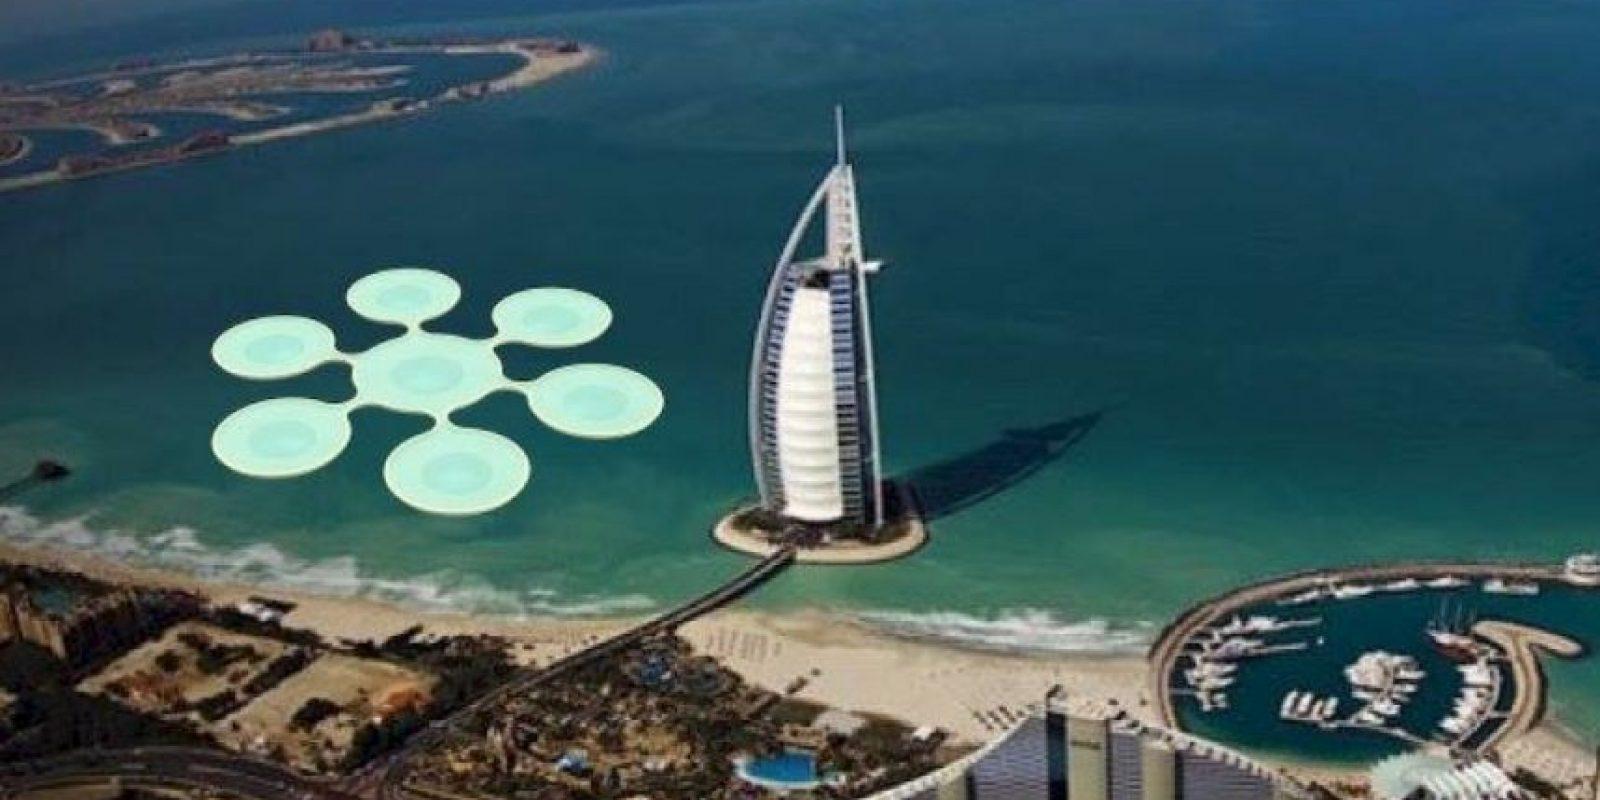 Se trata de un concepto único que permitiría tener partidos de tenis bajo el agua. Foto:Vía facebook.com/8+8ConceptStudio